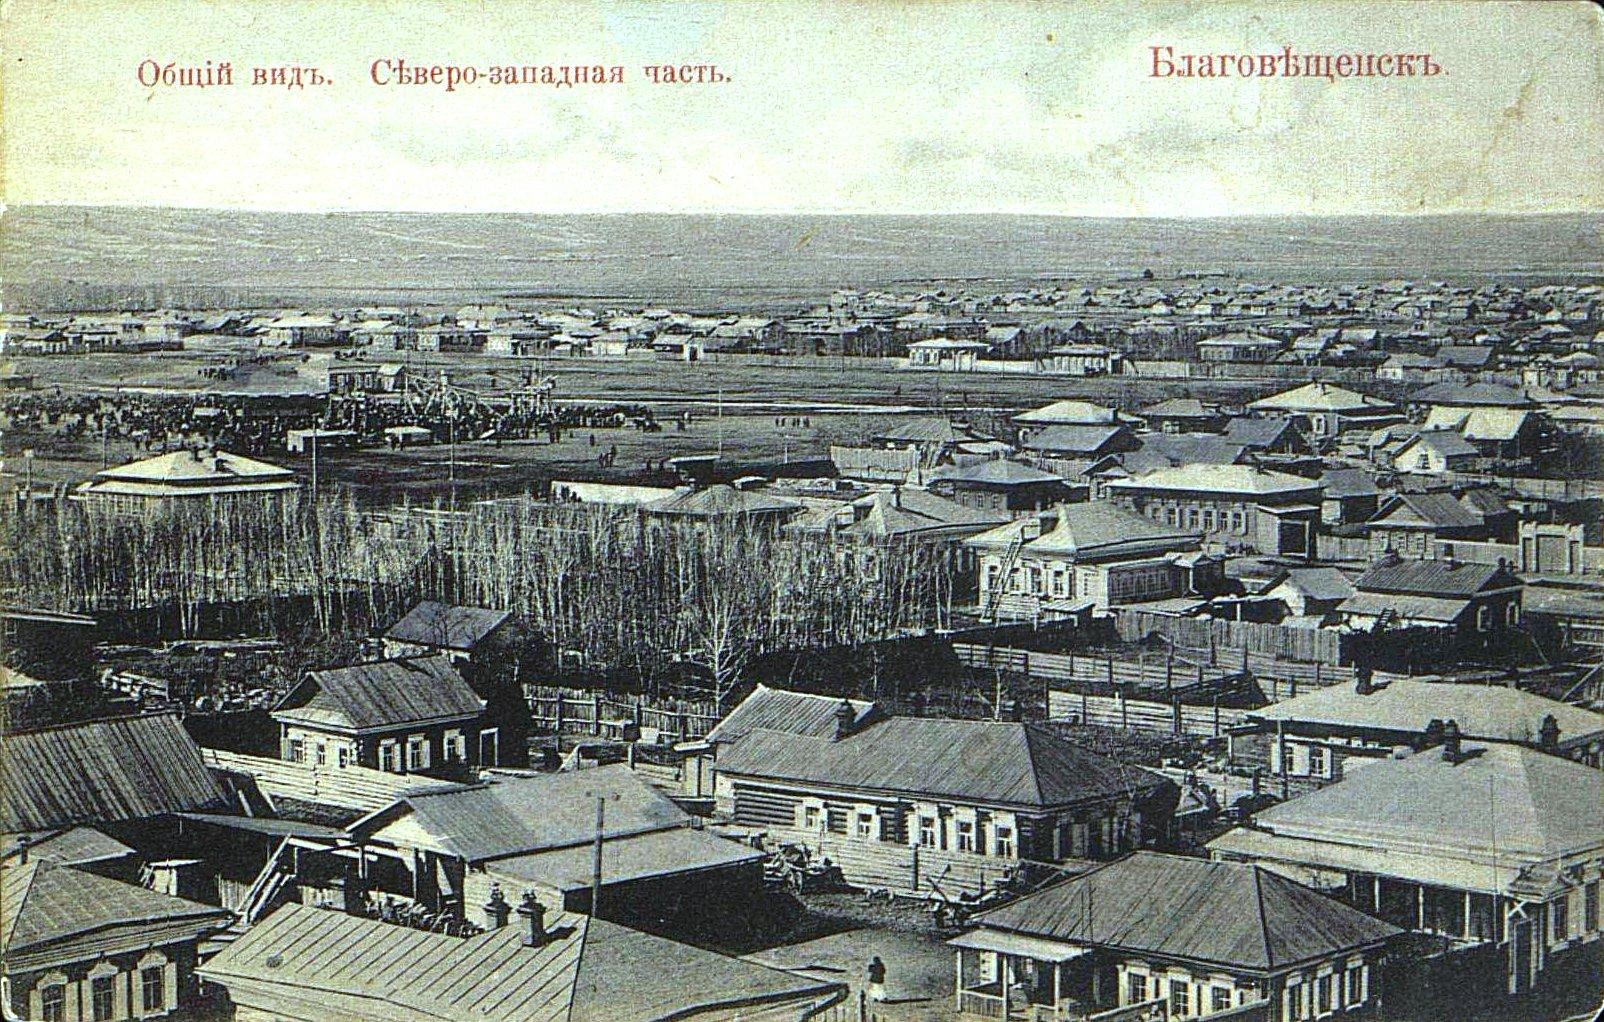 Общий вид северо-западной части города Благовещенска